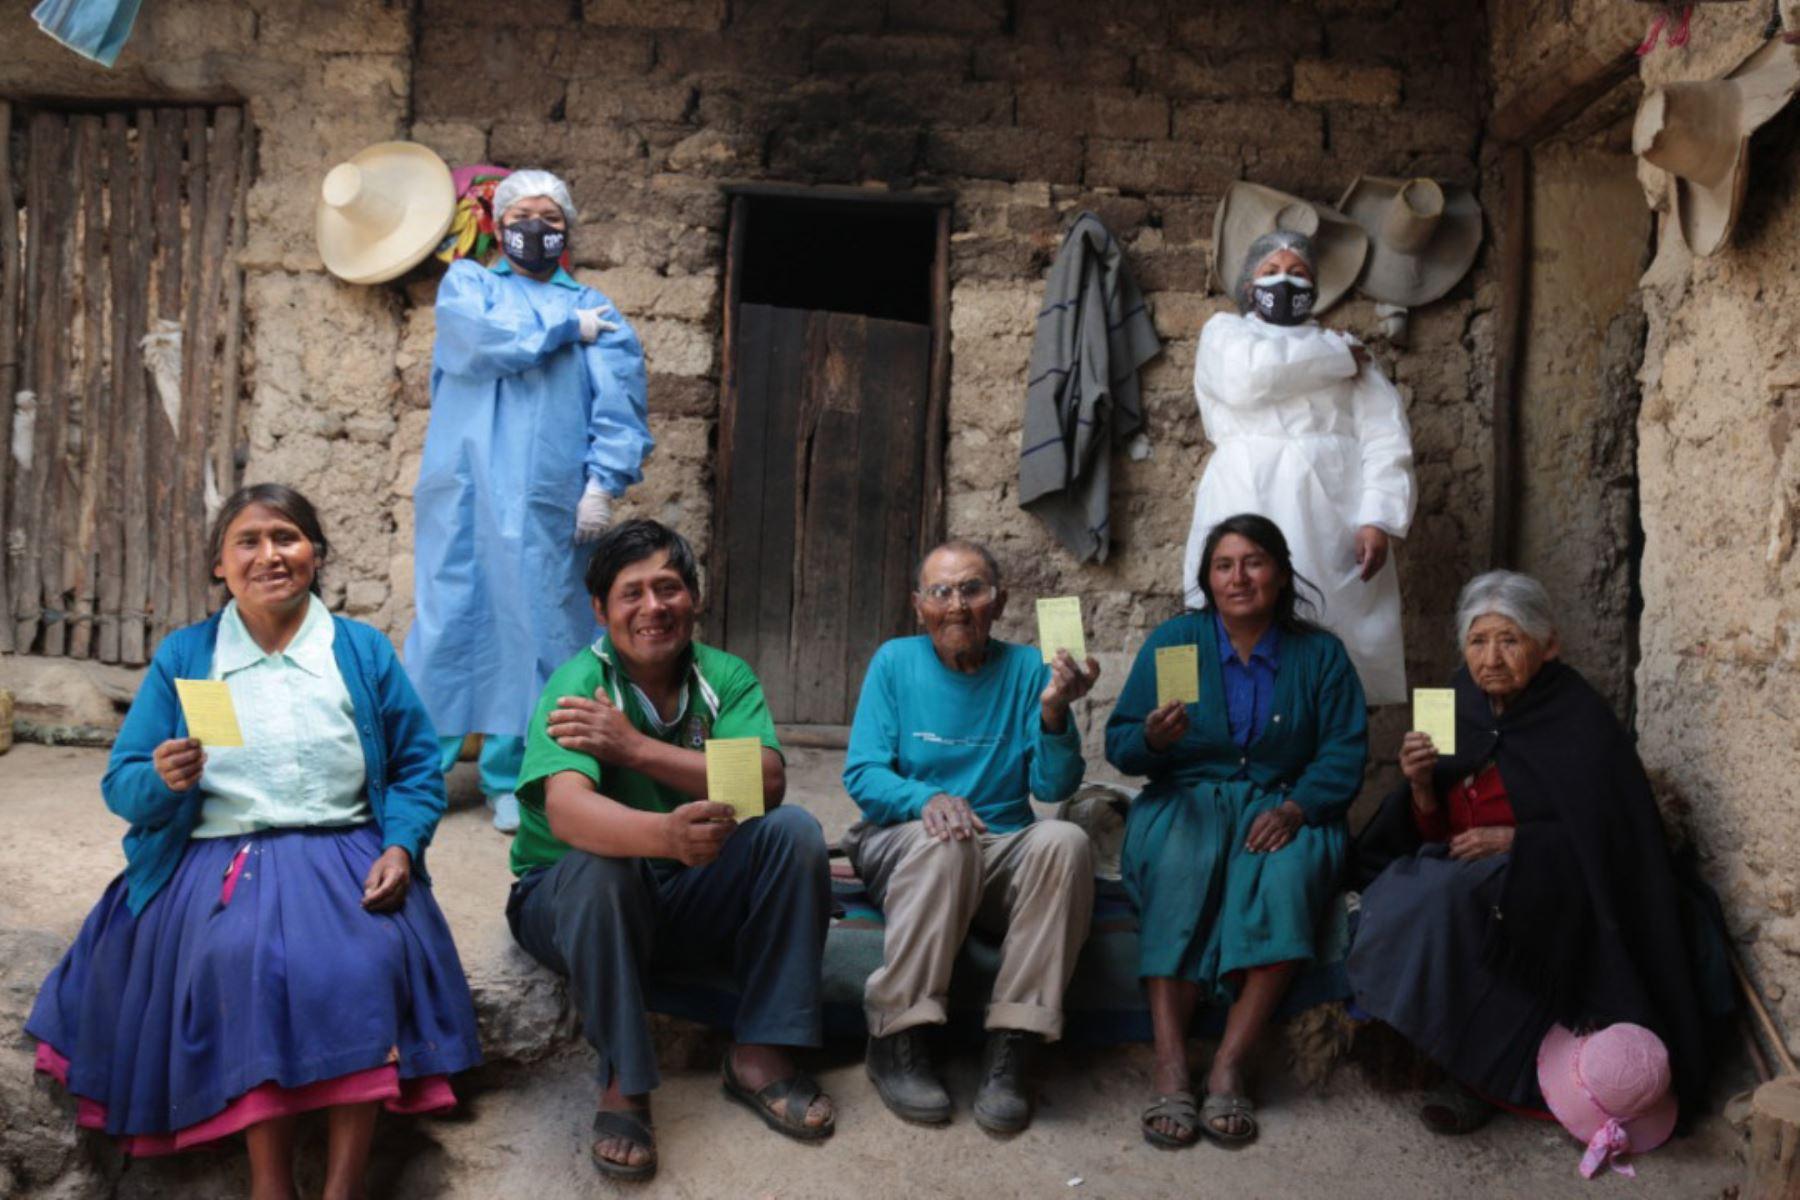 Pobladores de Agomarca recibieron la vacuna contra la covid-19 en sus domicilios. Foto: Minsa